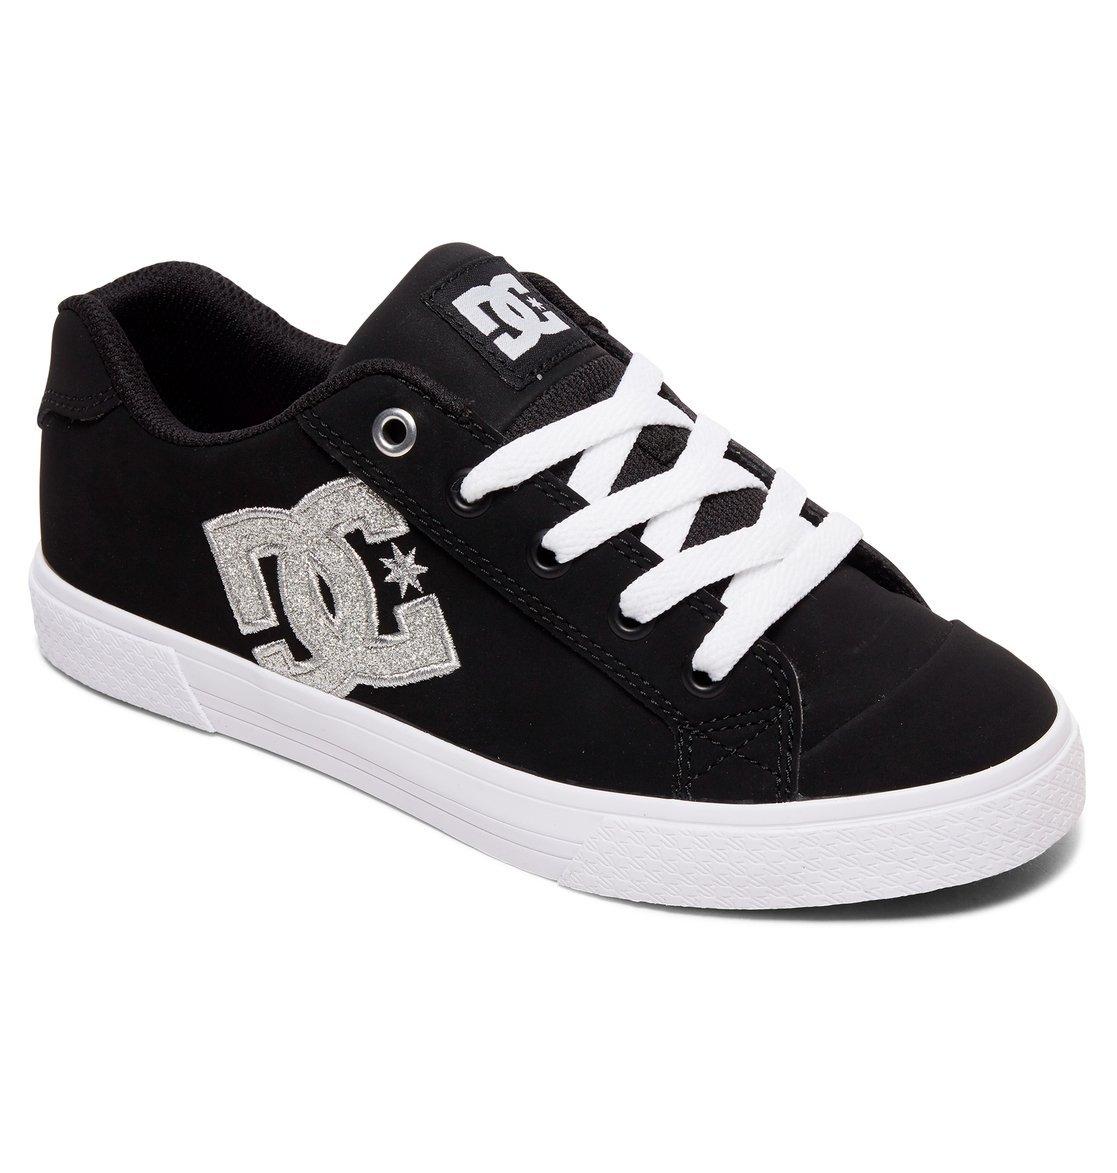 Dc Shoes Low Tops »Chelsea SE« nu online kopen bij OTTO